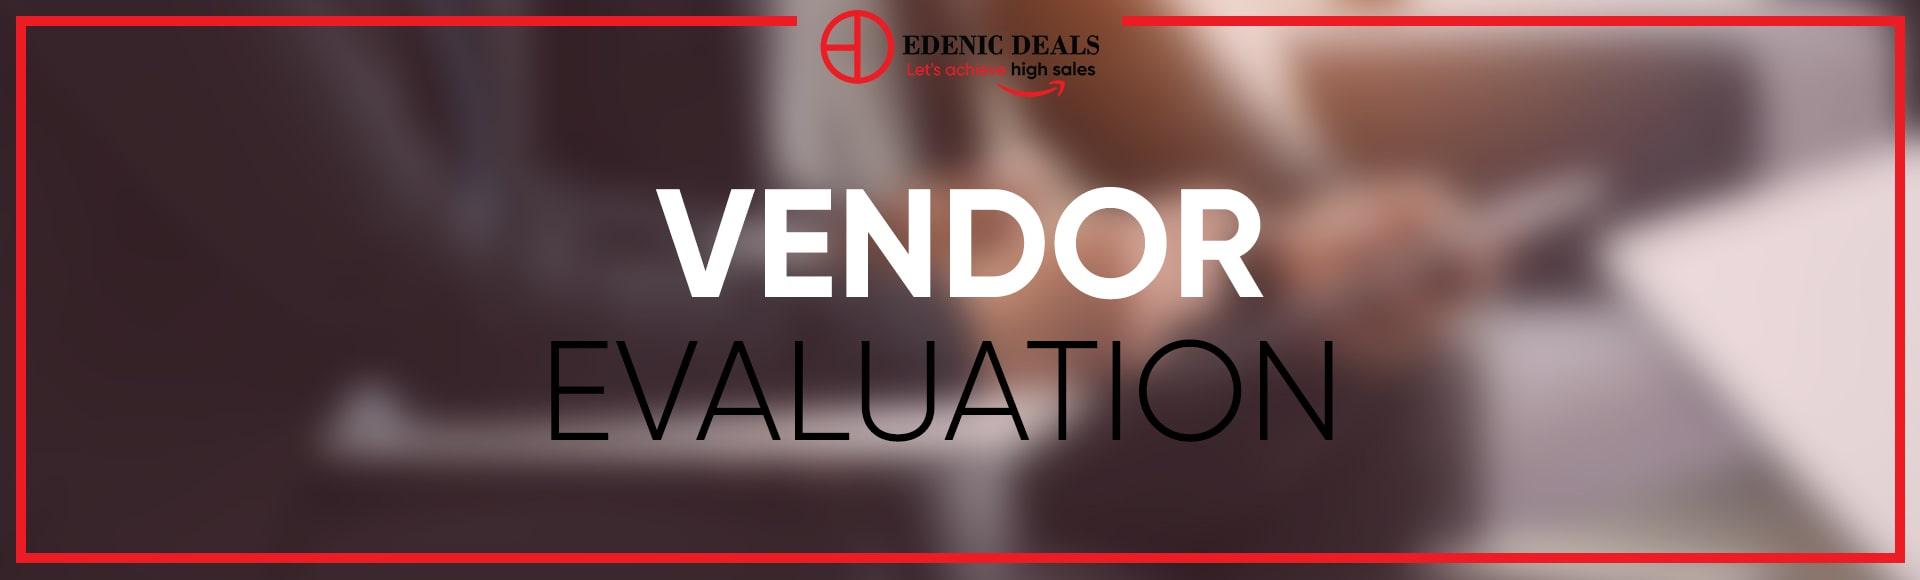 Edenic Deals Vendor Evaluation